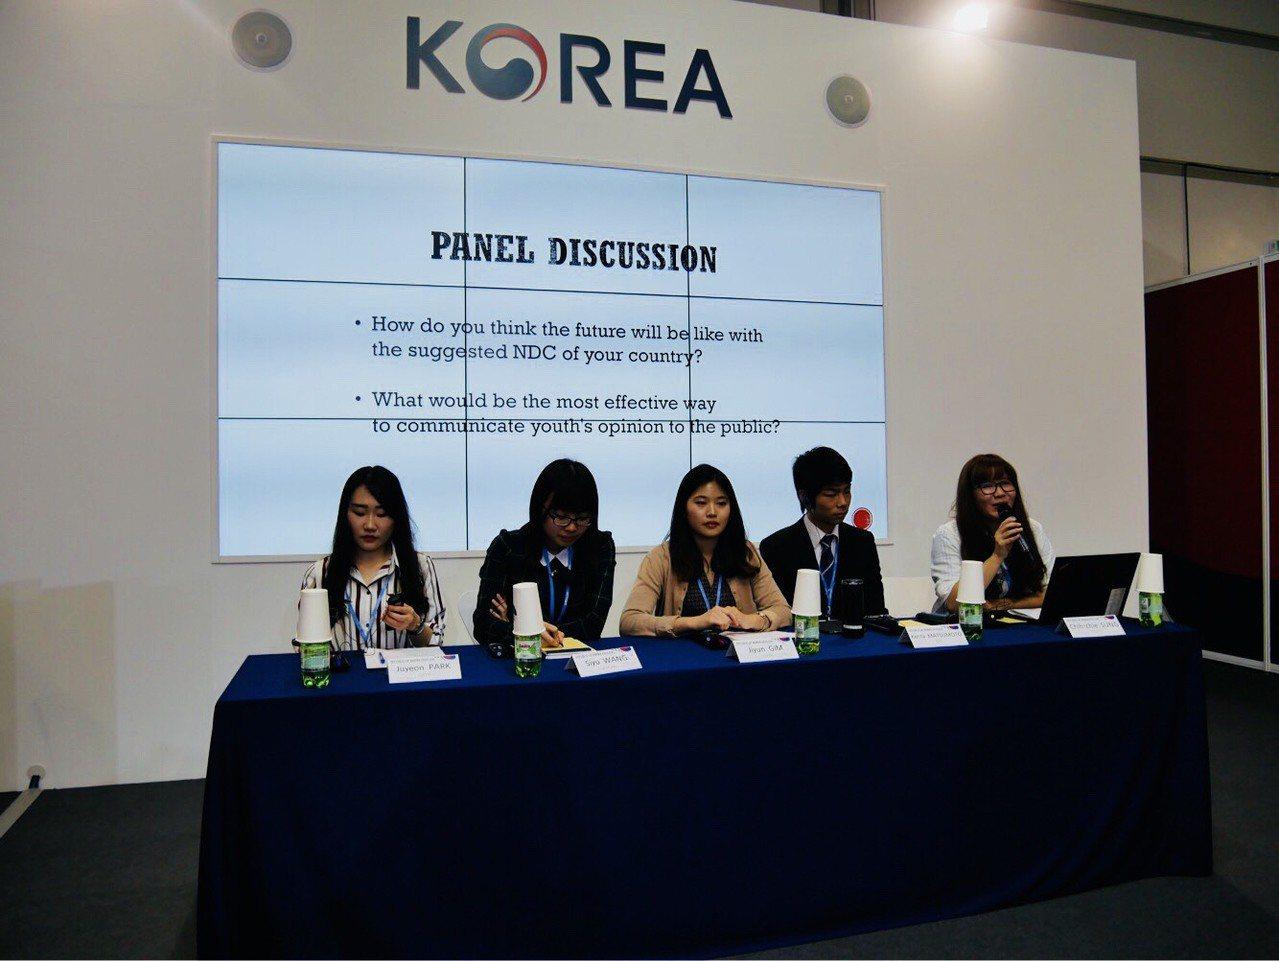 宋之琦代表台灣,與南韓、日本、中國青年共同於邊會分享青年氣候觀點。 圖/台灣青年...